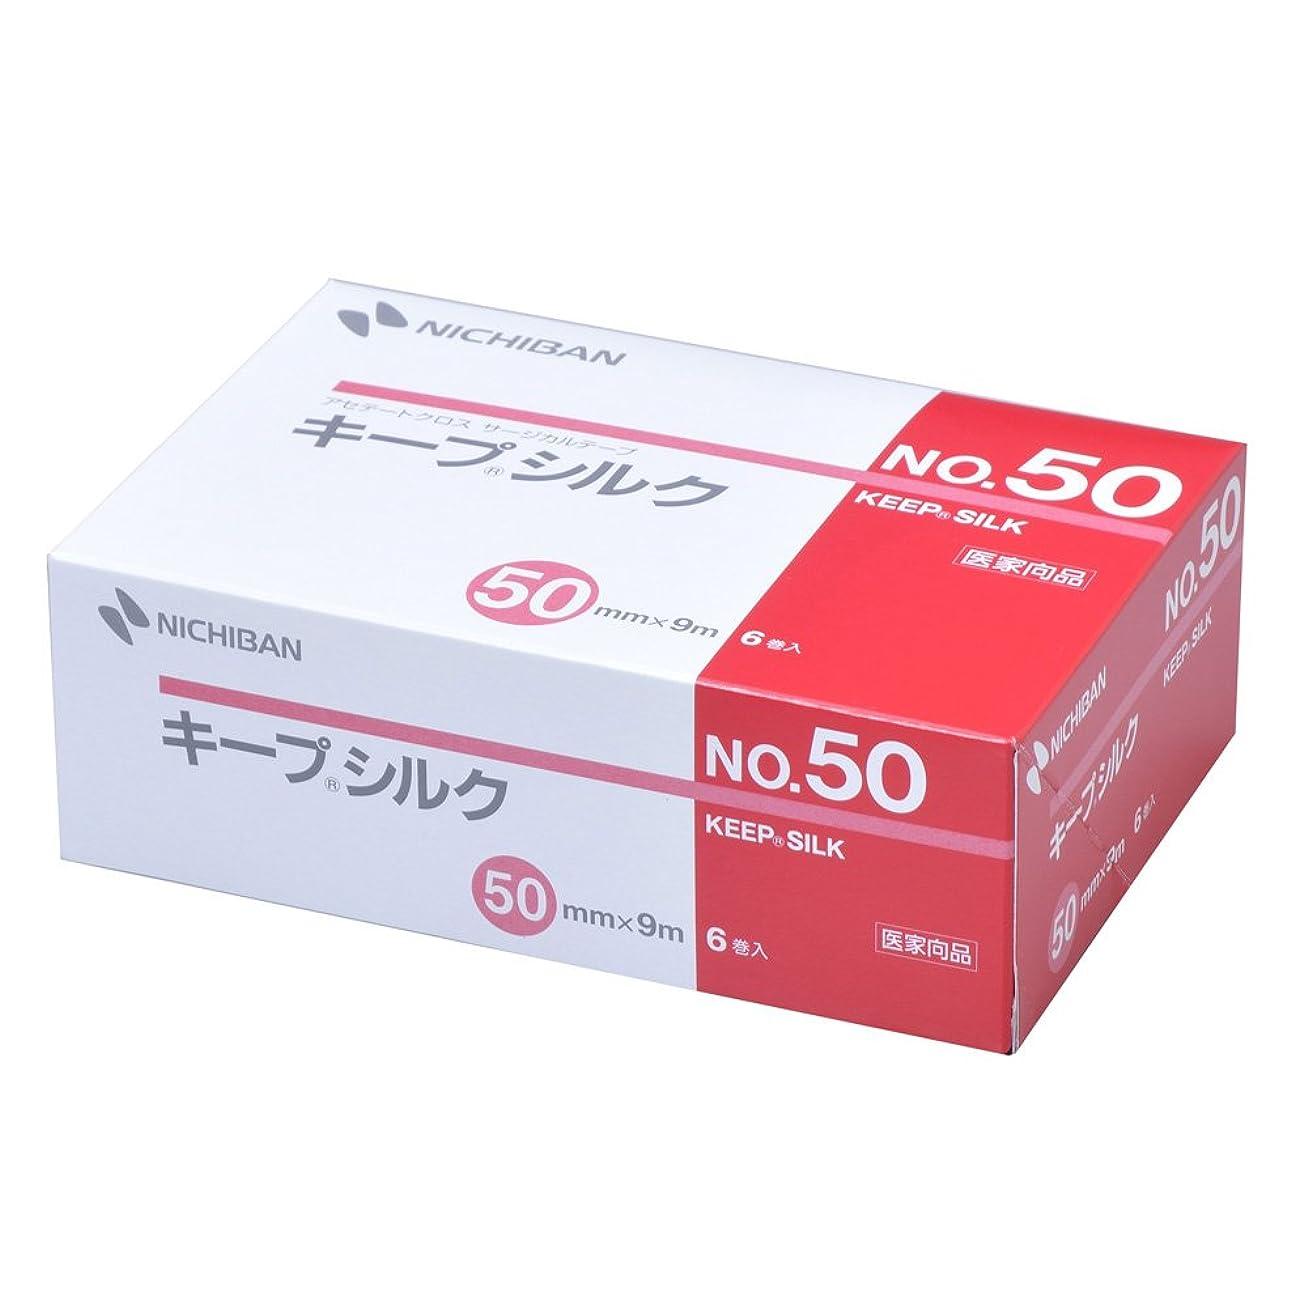 おばあさん人間鑑定ニチバン アセテートクロスサージカルテープ キープシルク 50mm幅 9m巻き 6巻入り